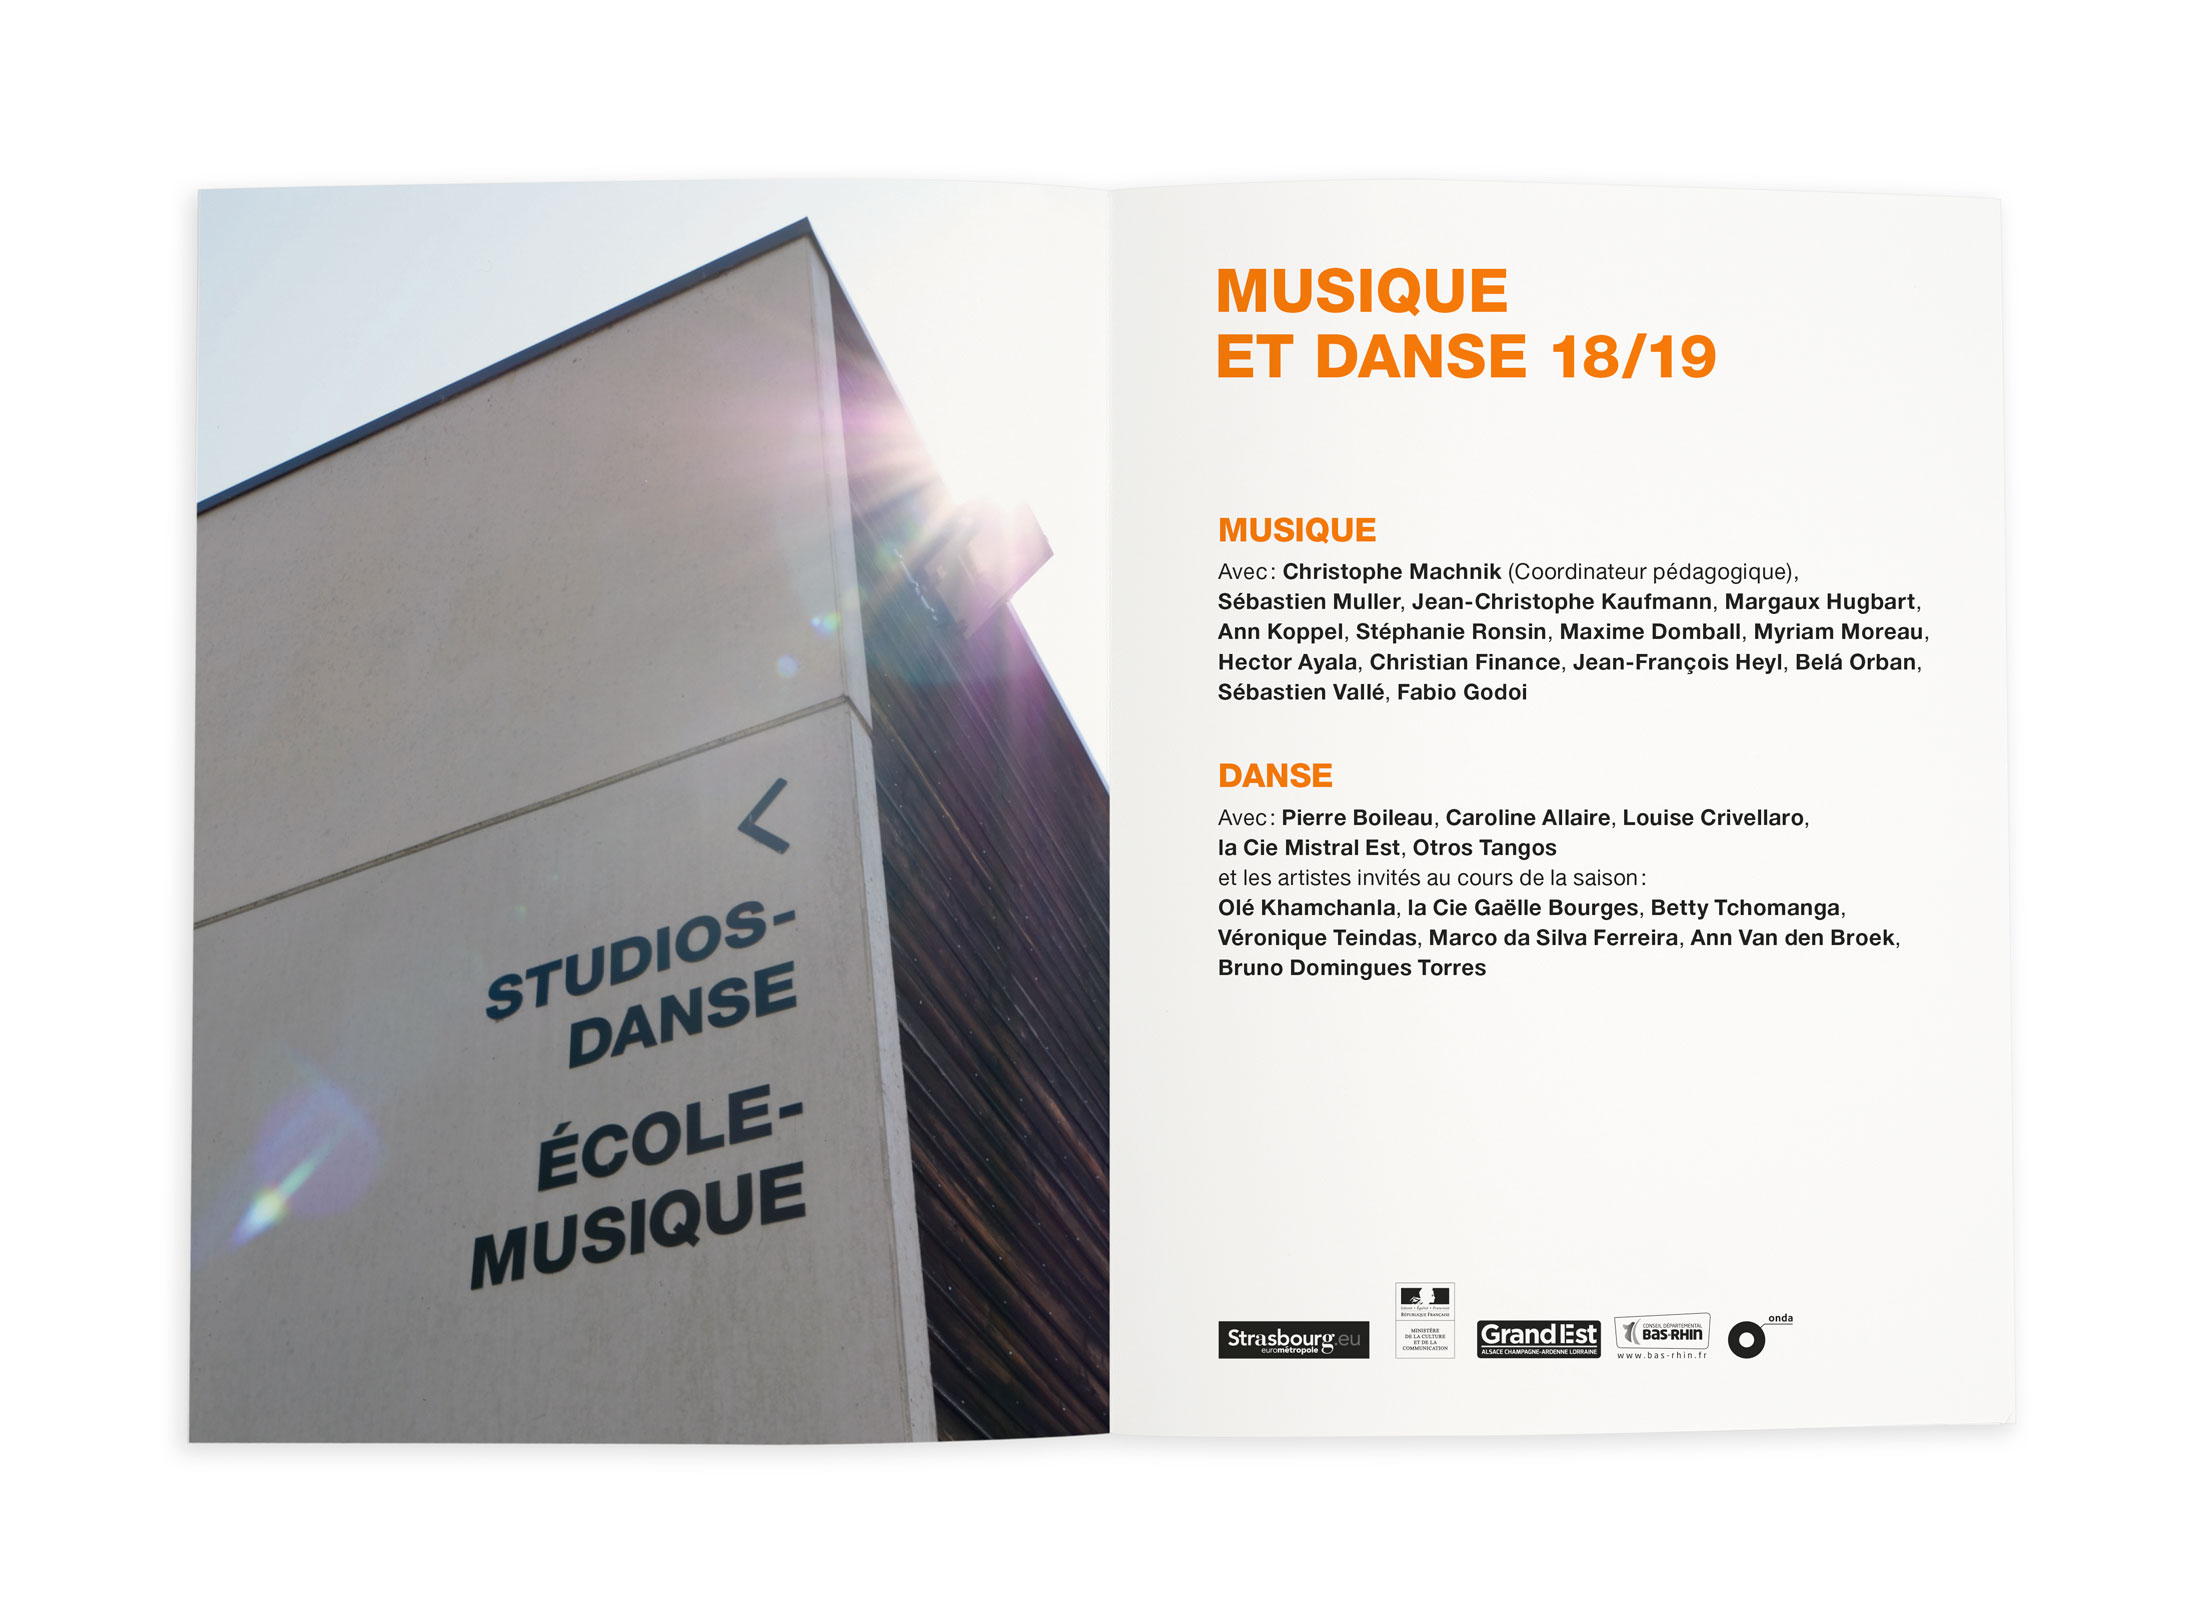 PoleSud MusiqueDance 18 19 06